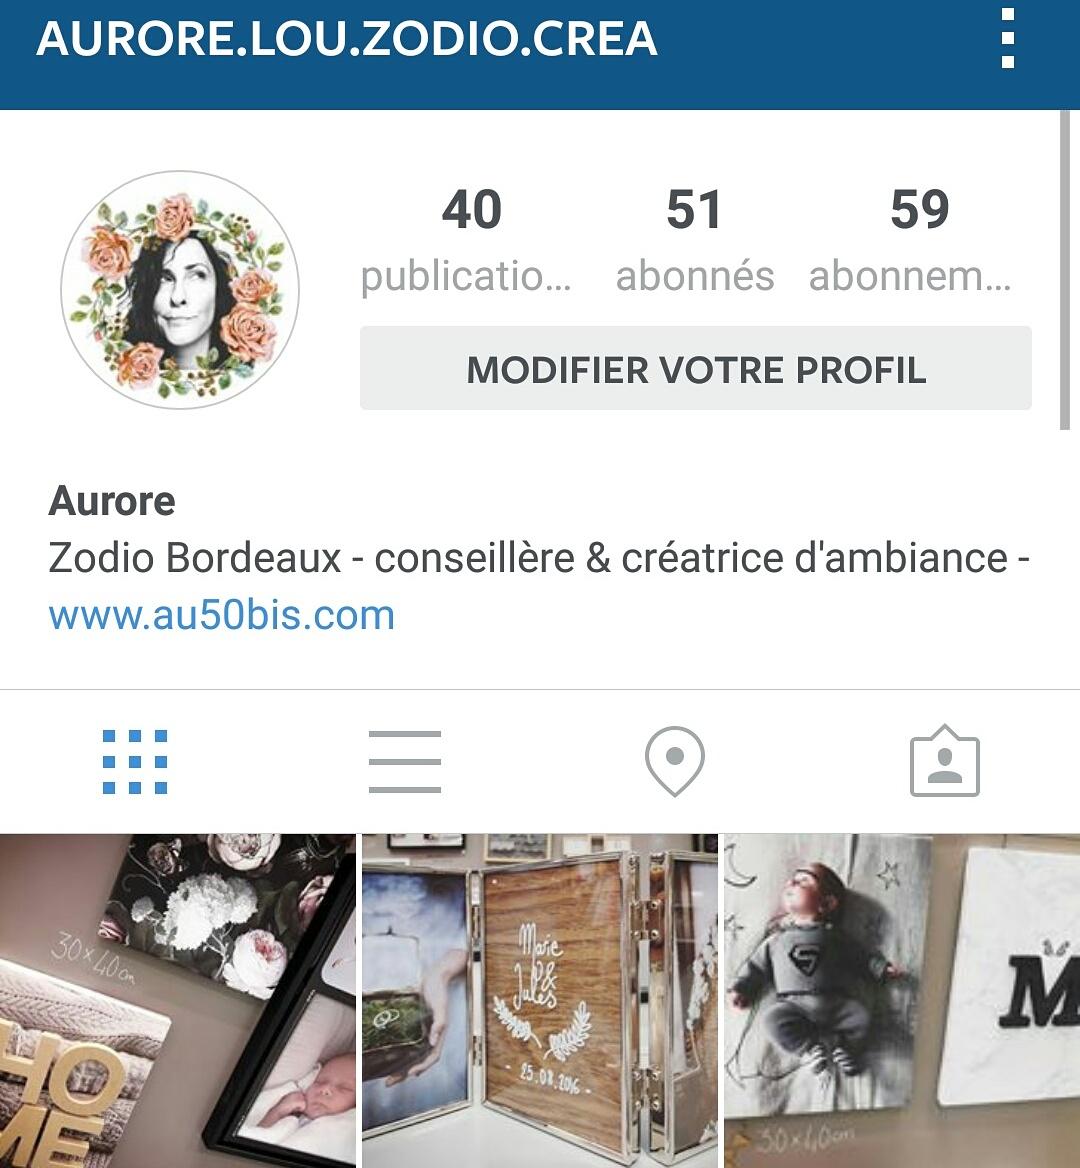 Retrouvez-moi sur Instagram!